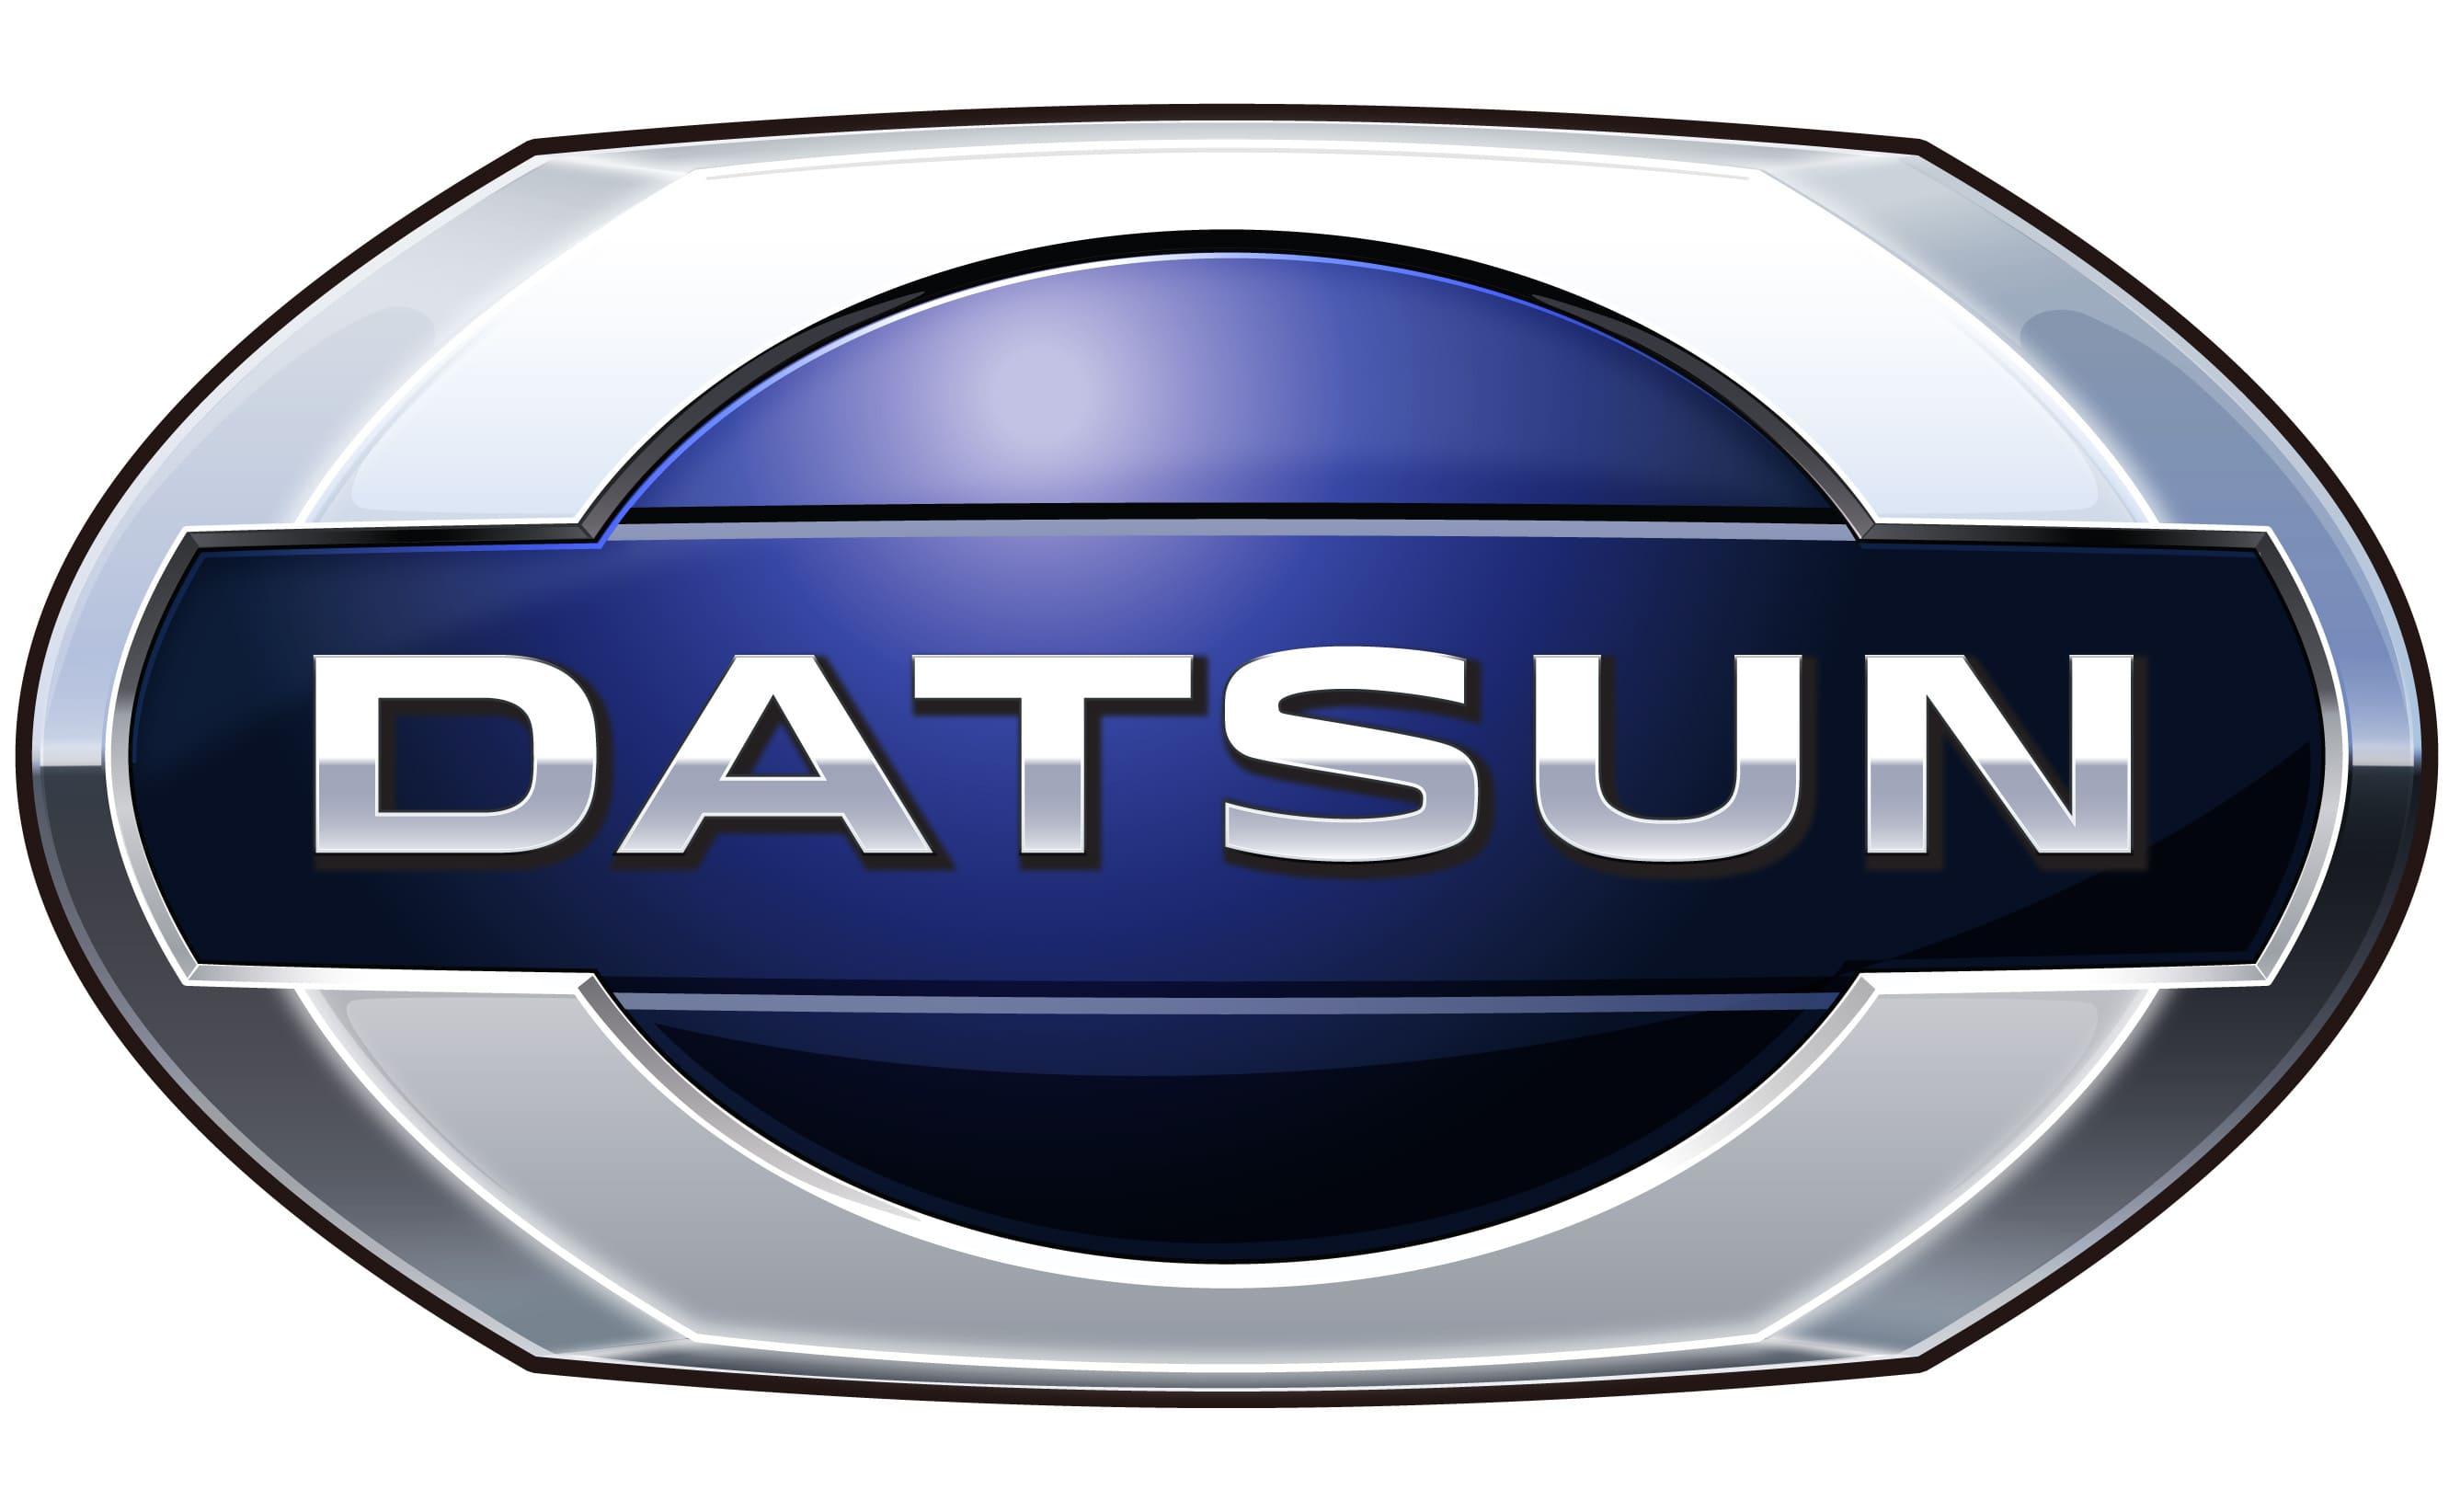 Dastun Logo png